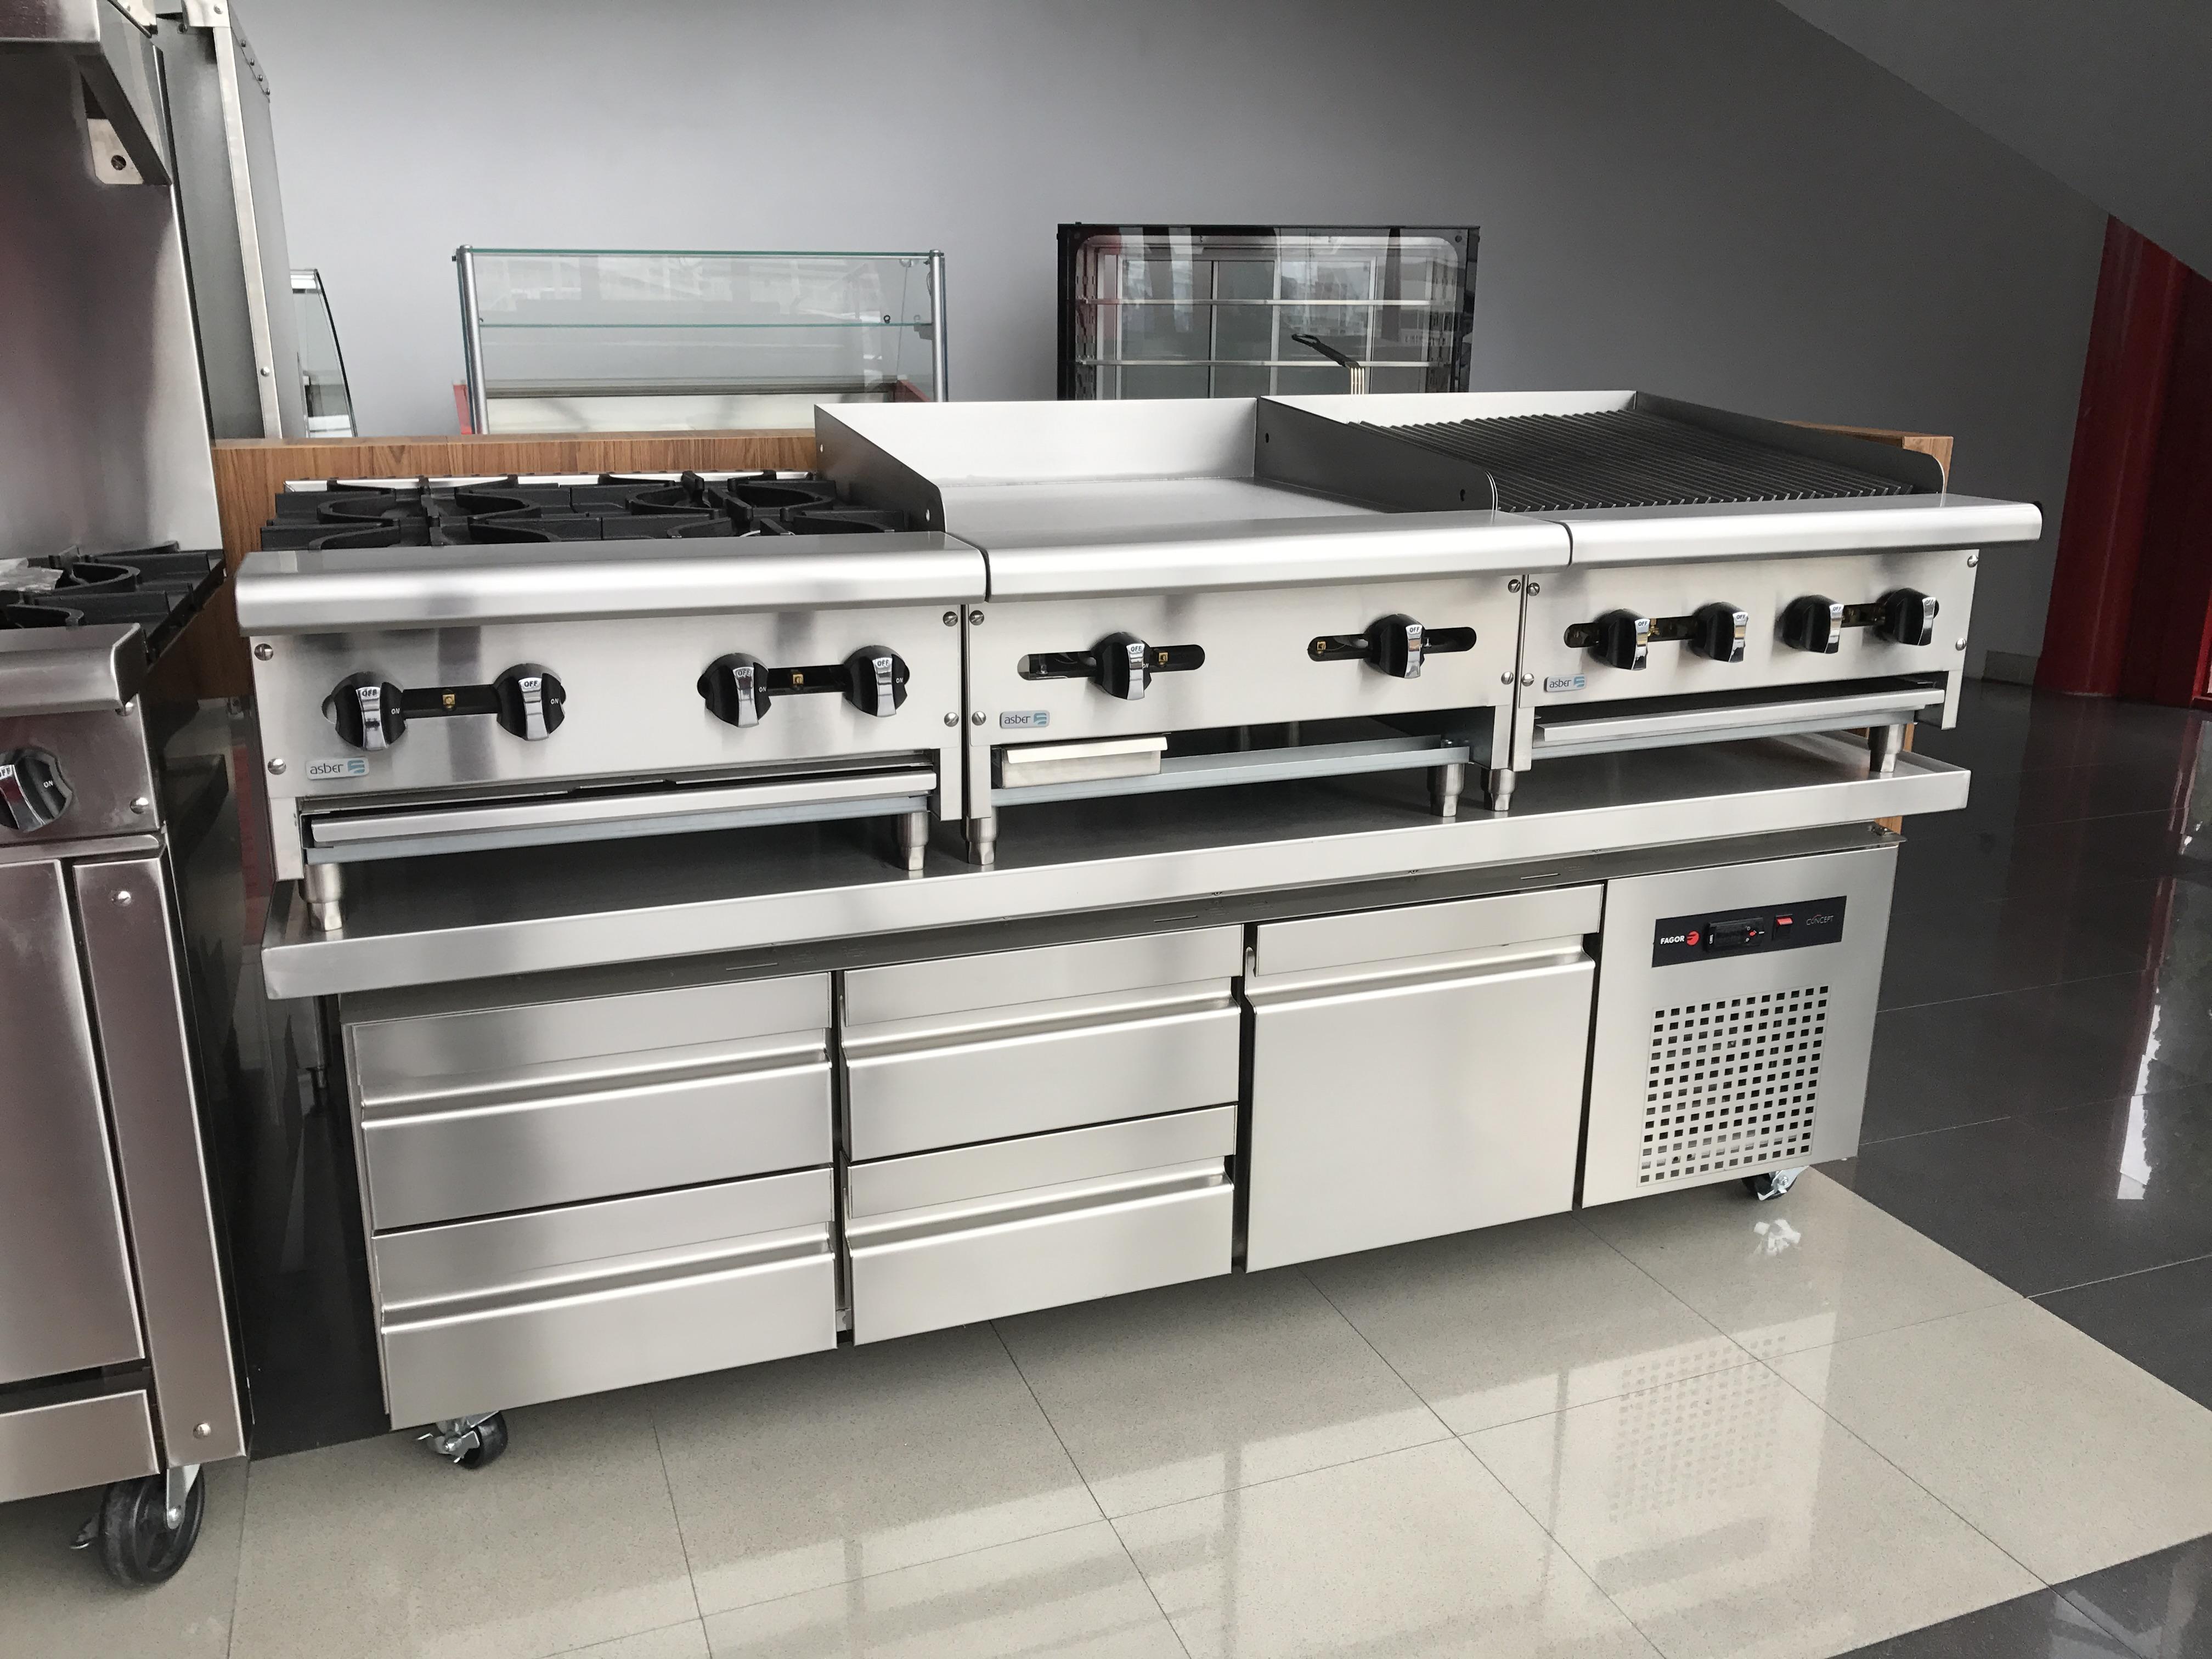 Cocinas industriales equipamiento y muebles de acero for Todo para cocinas industriales